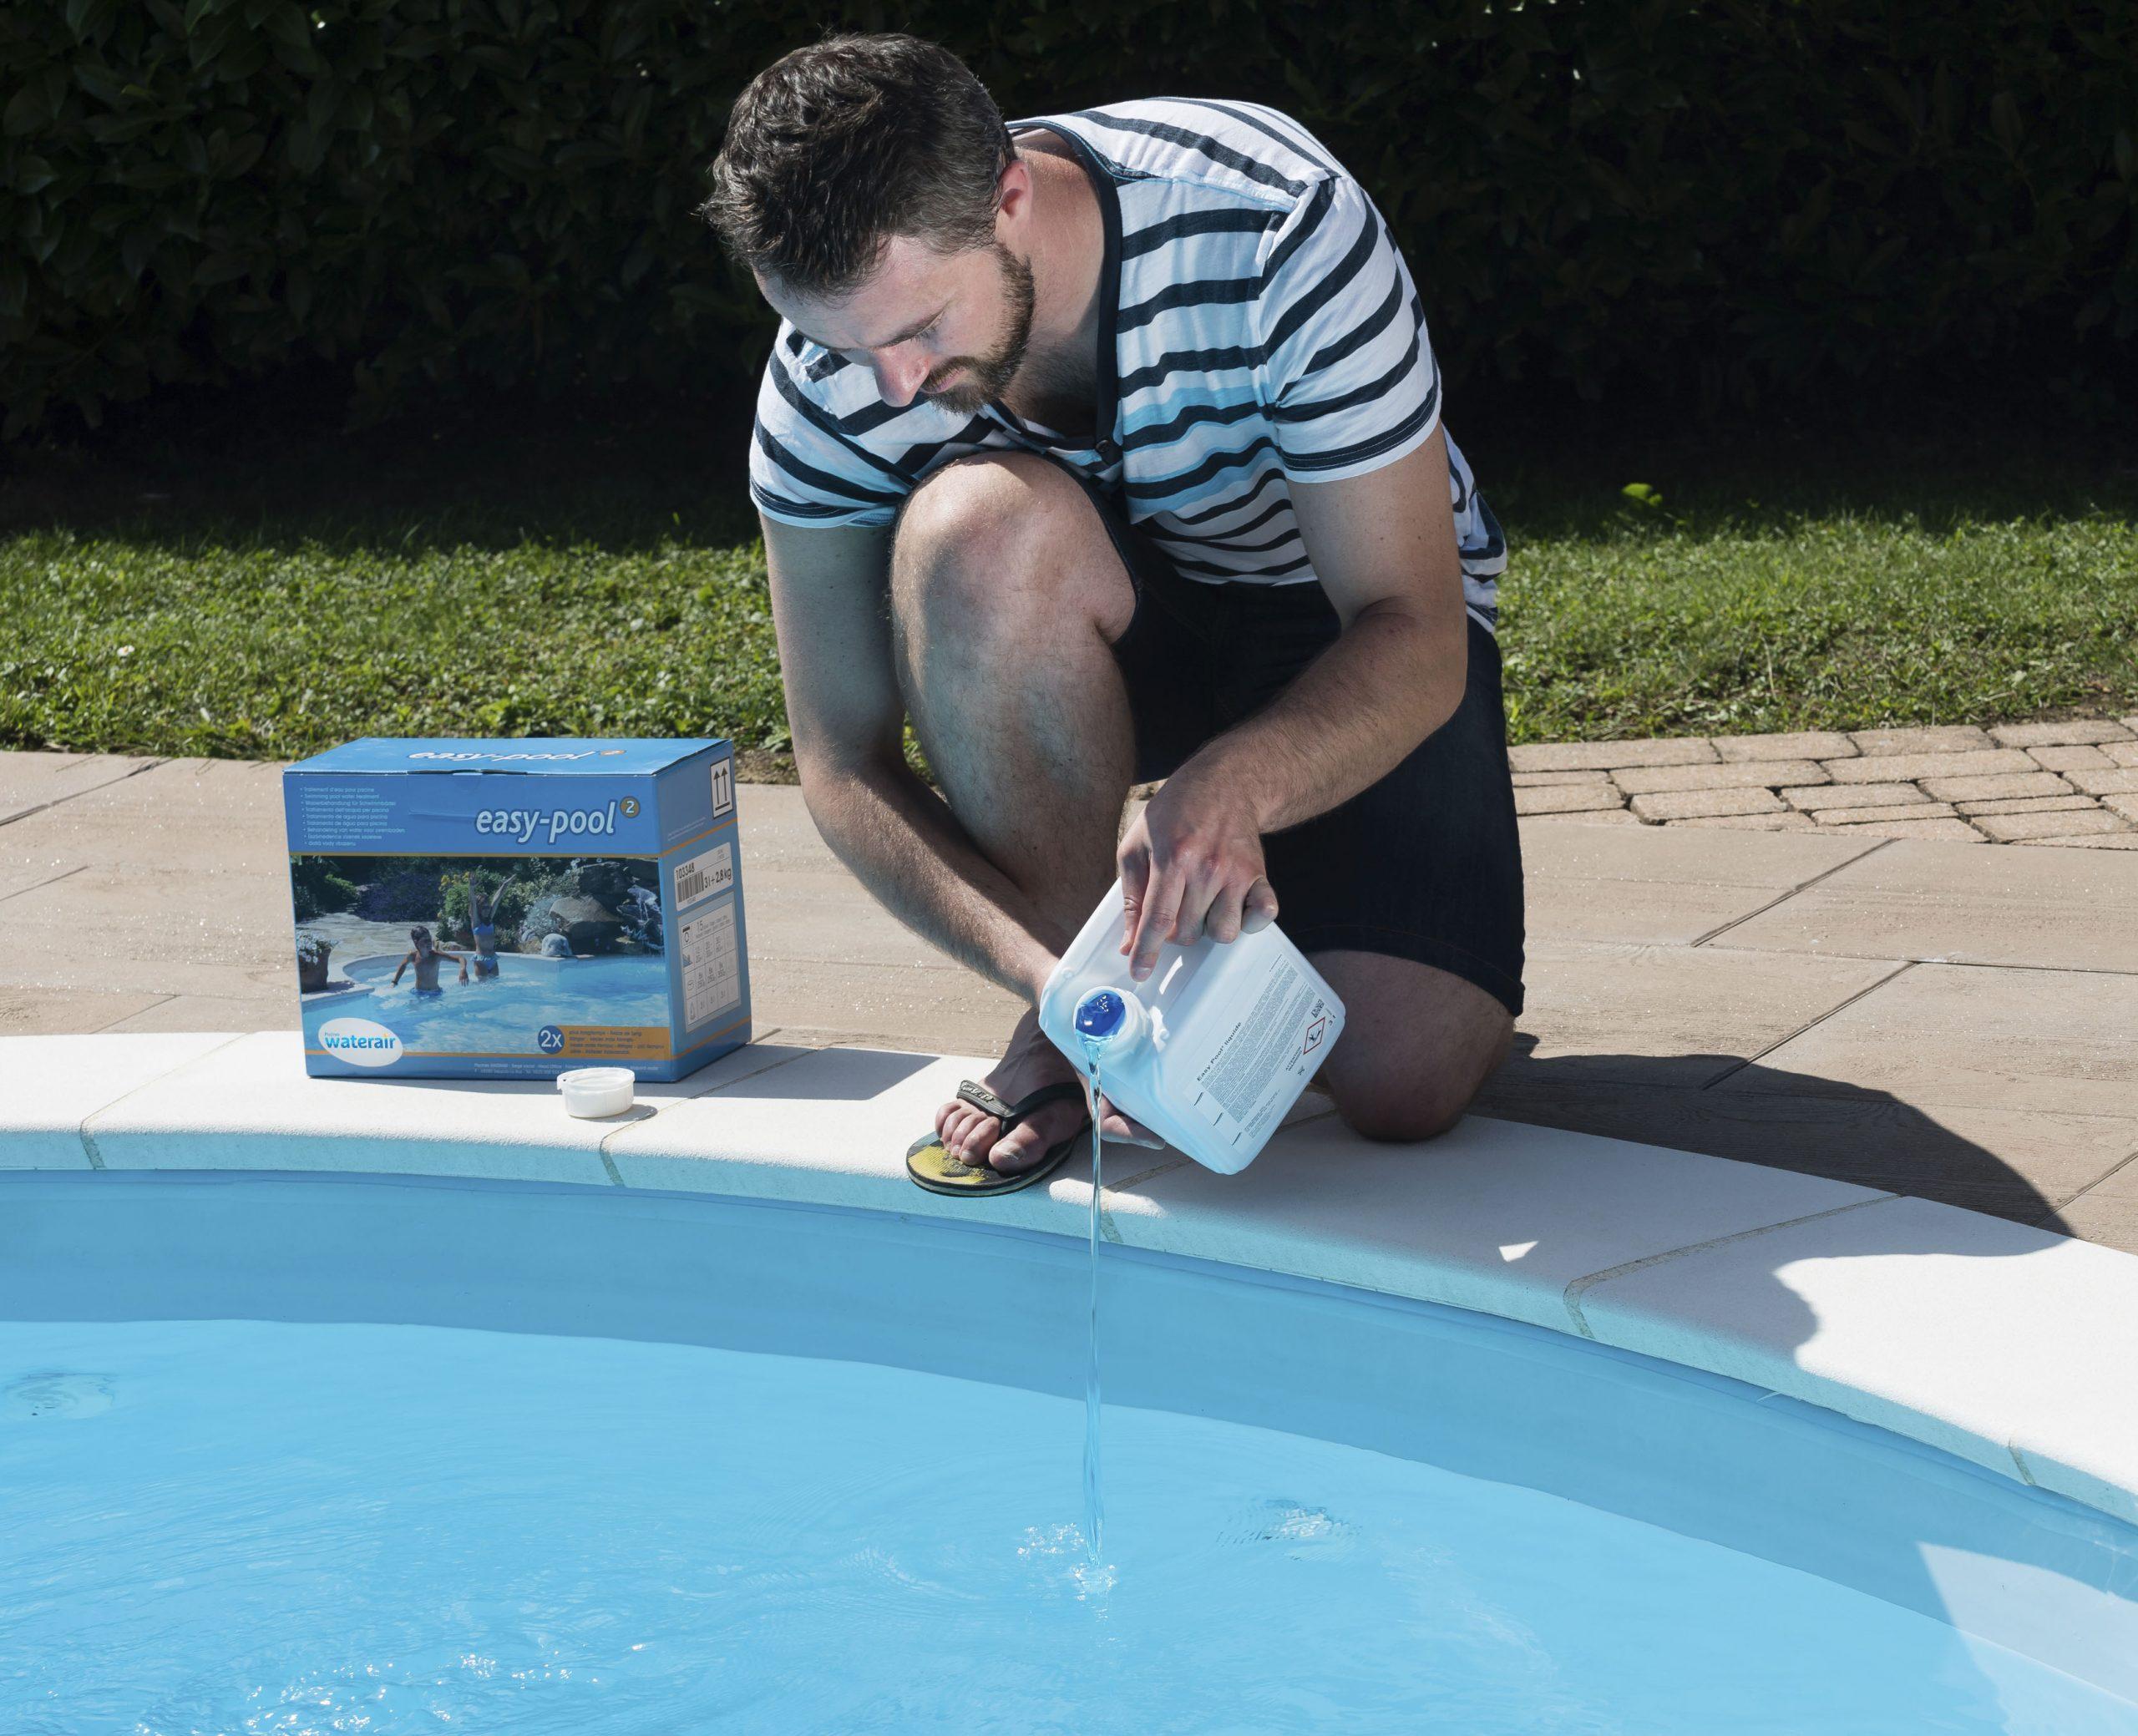 Le Stabilisant - Piscines Waterair tout Stabilisant Piscine